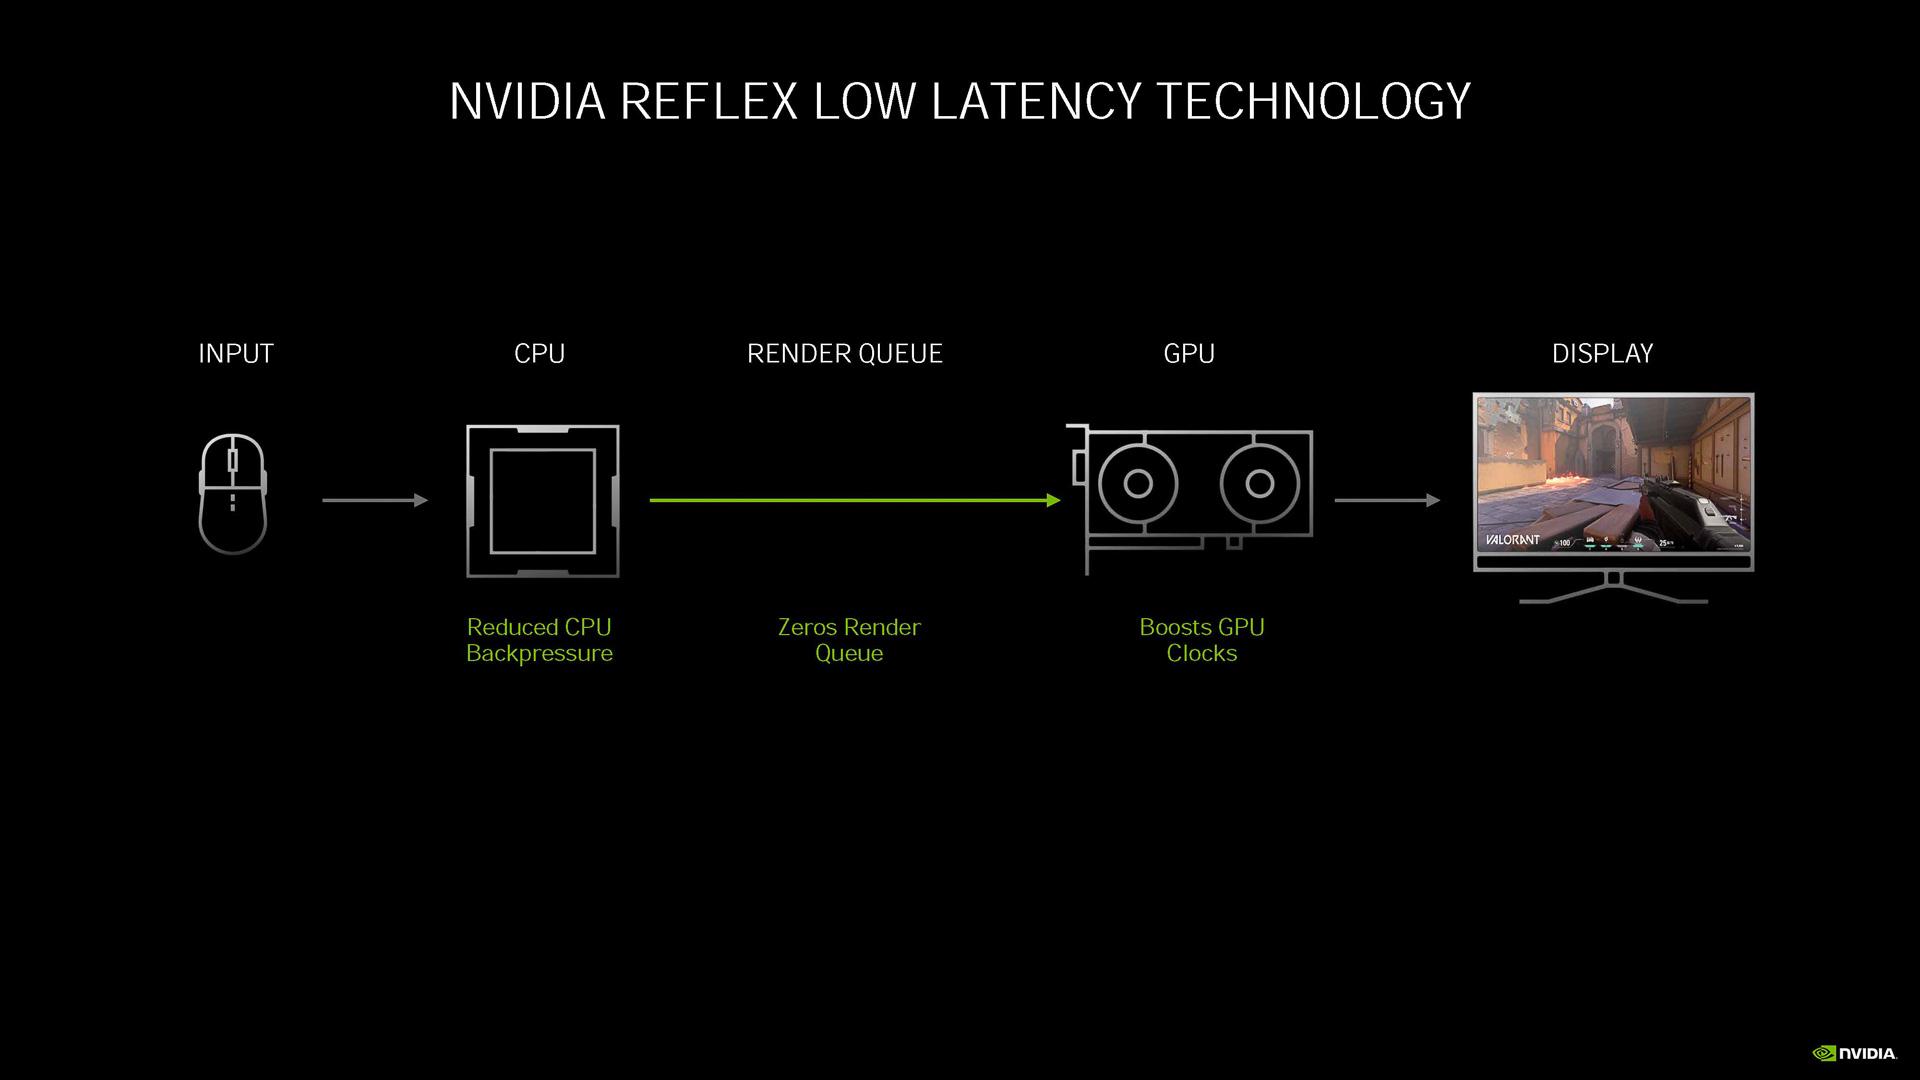 CPUがGPUに描画の命令を出してから実際に描画されるまでの待機時間(レンダーキュー)が発生するのがレイテンシが大きくなってしまう主要因